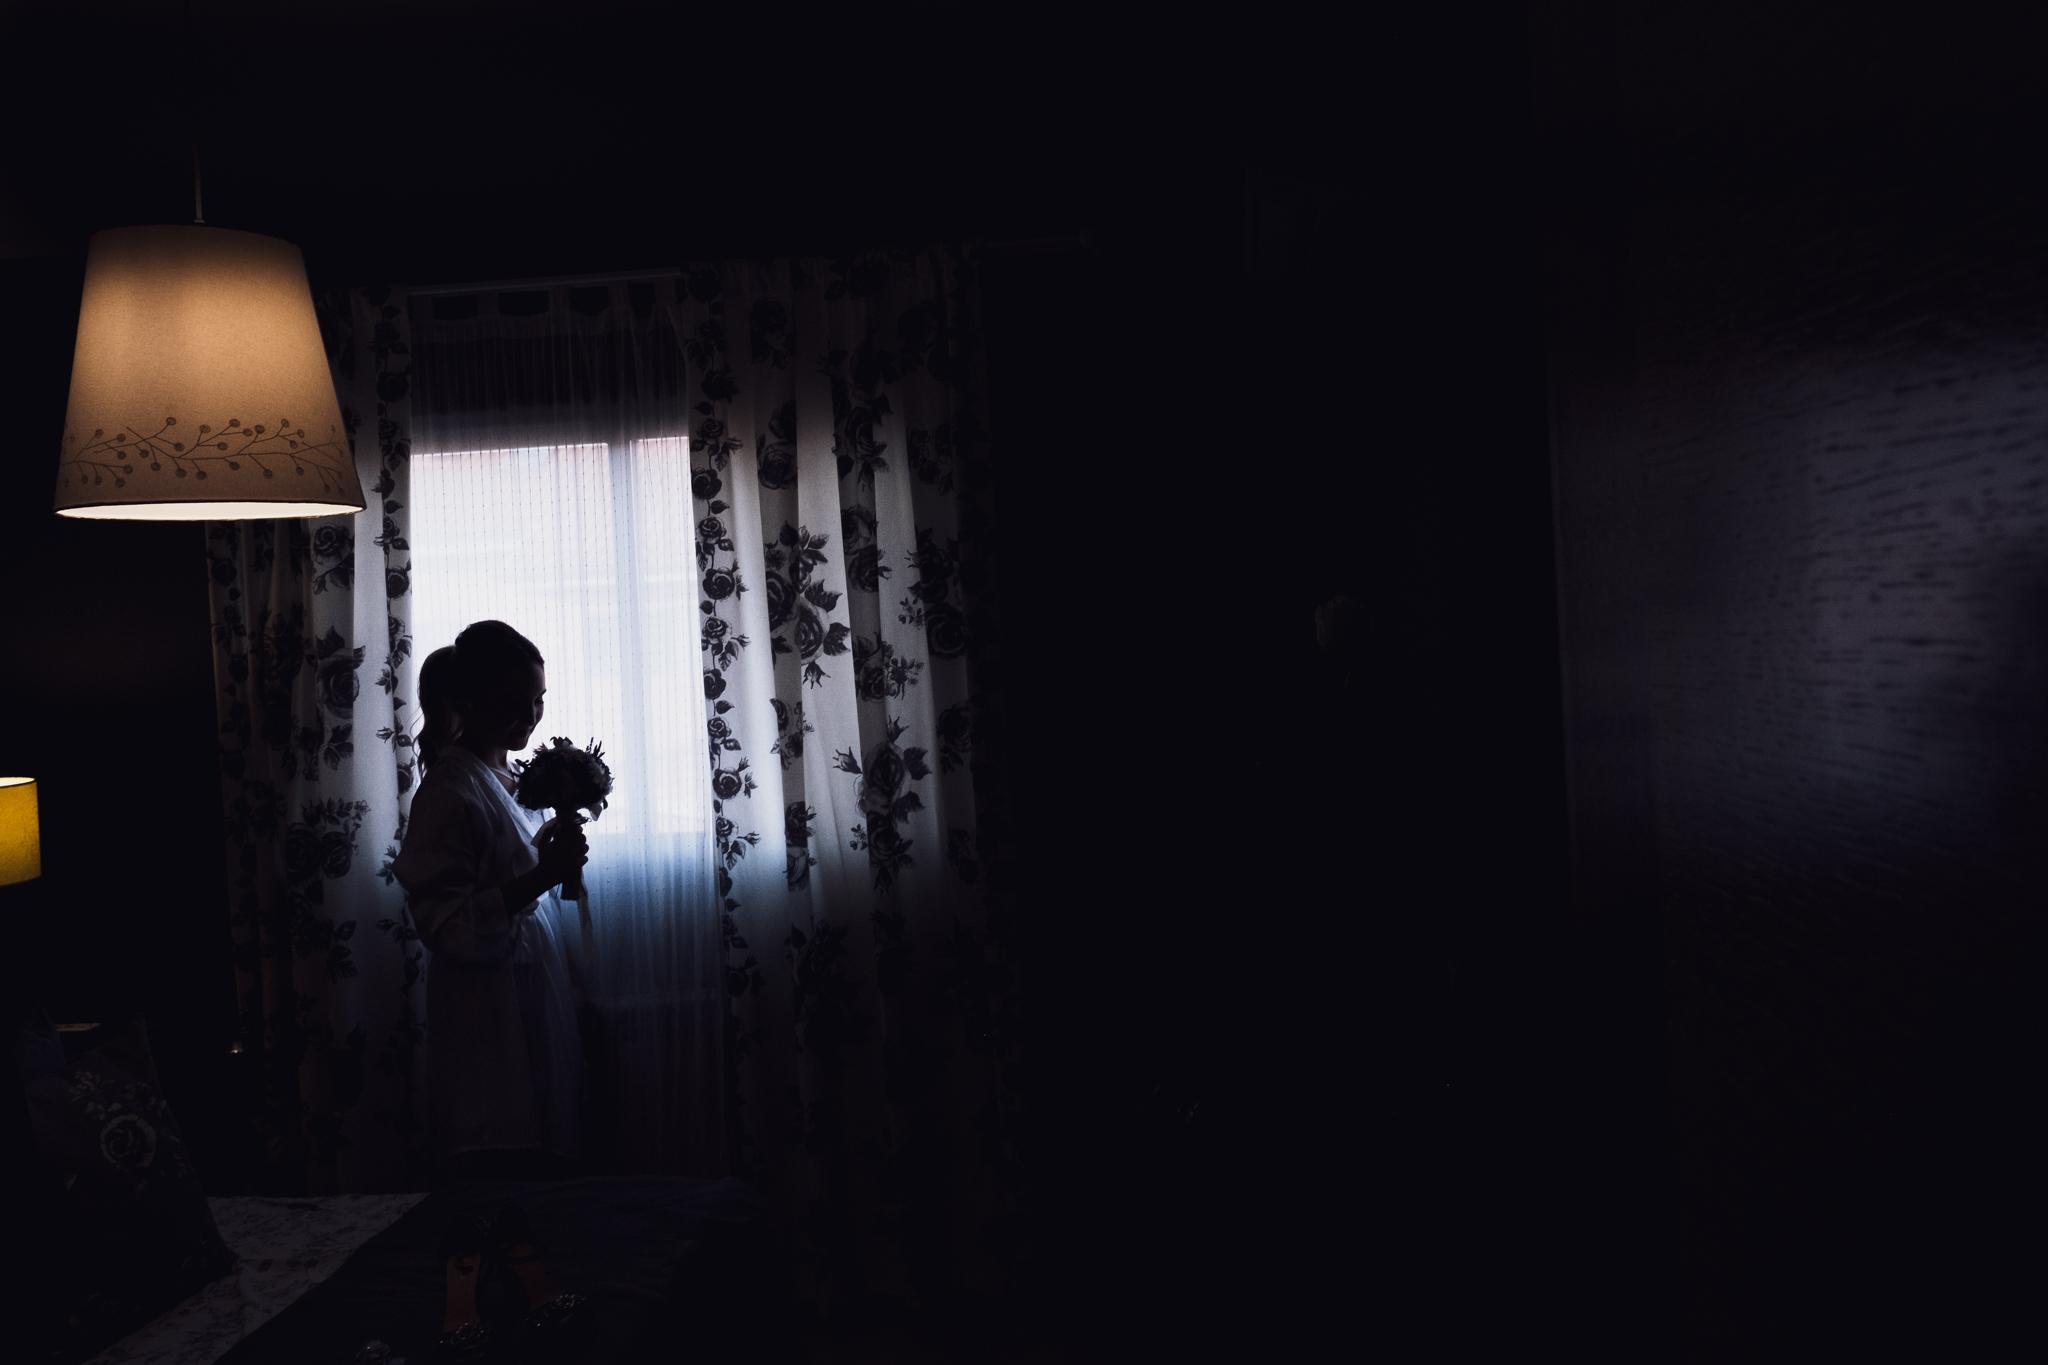 novia a contra luz